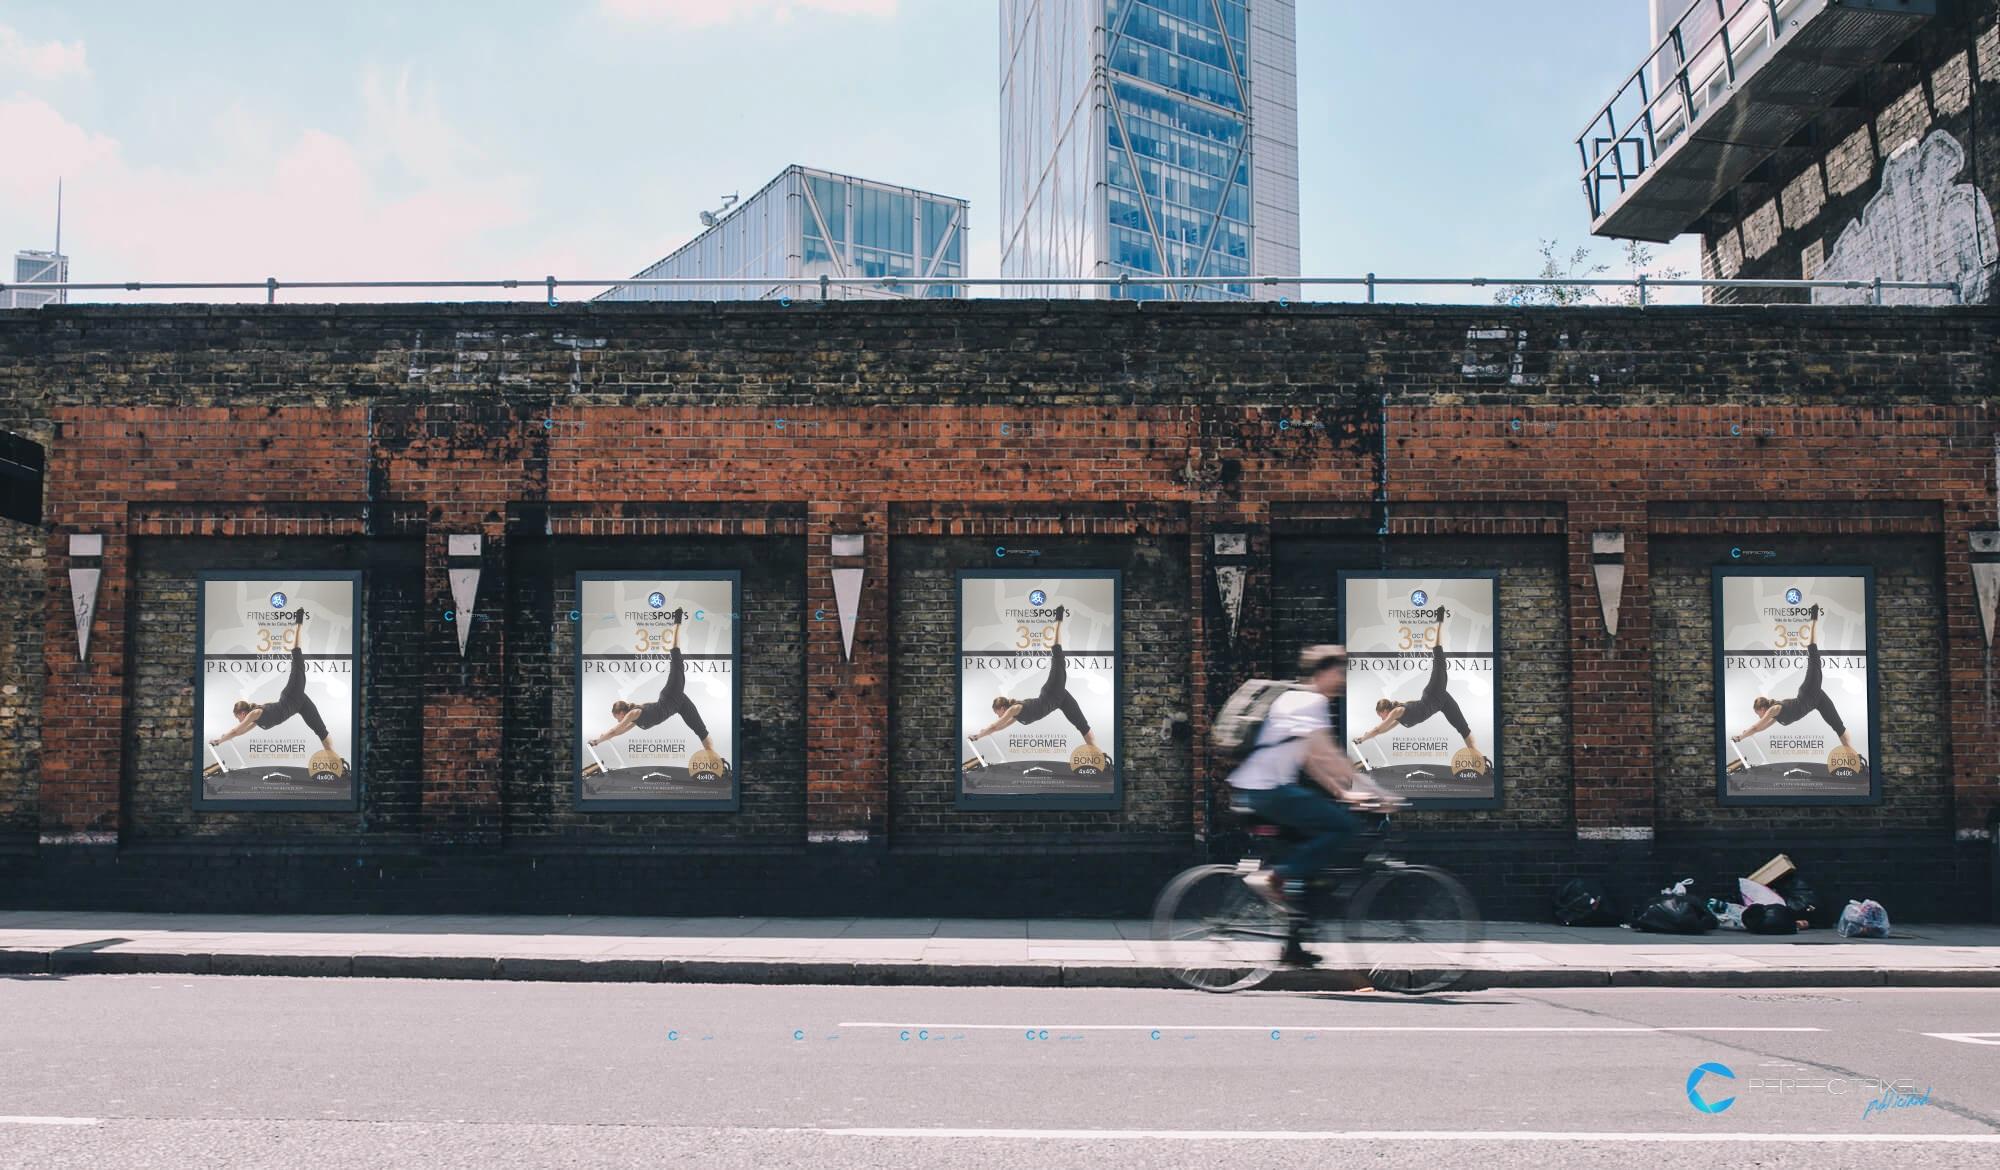 Cartel publicitario para escuela de pilates reformer